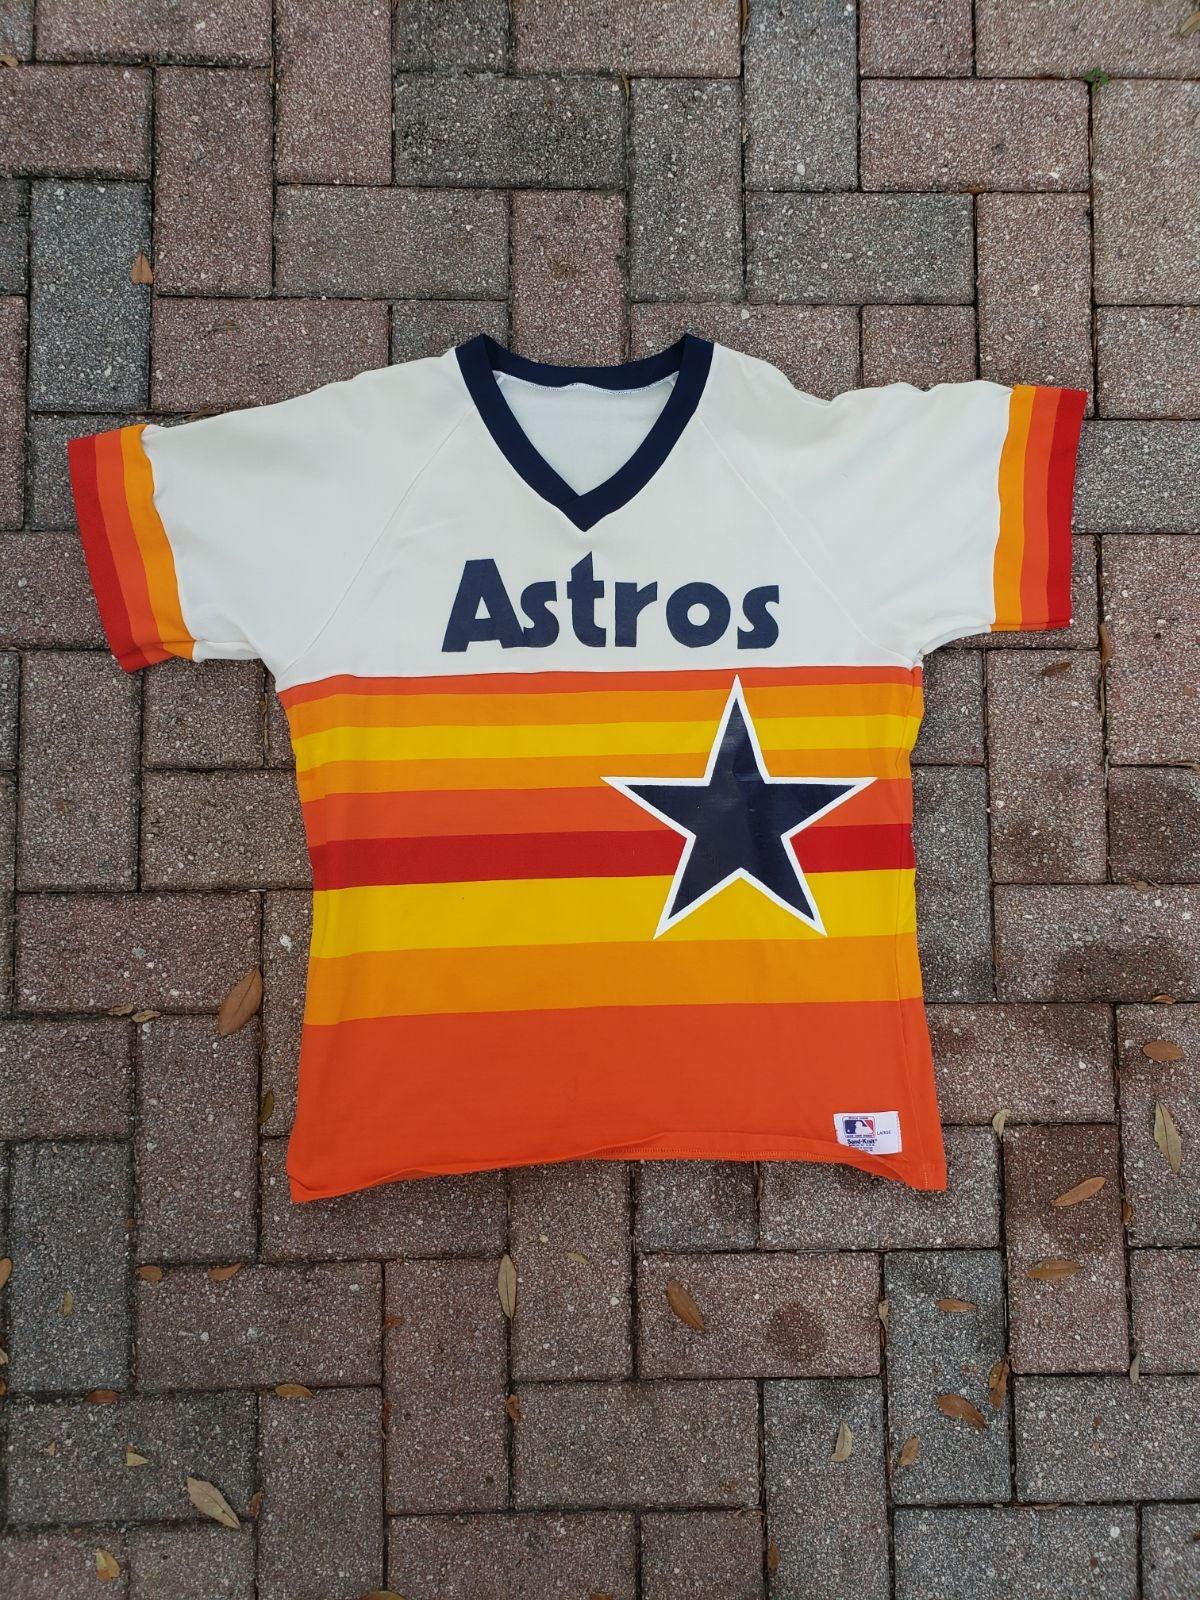 Vintage Astros jersey